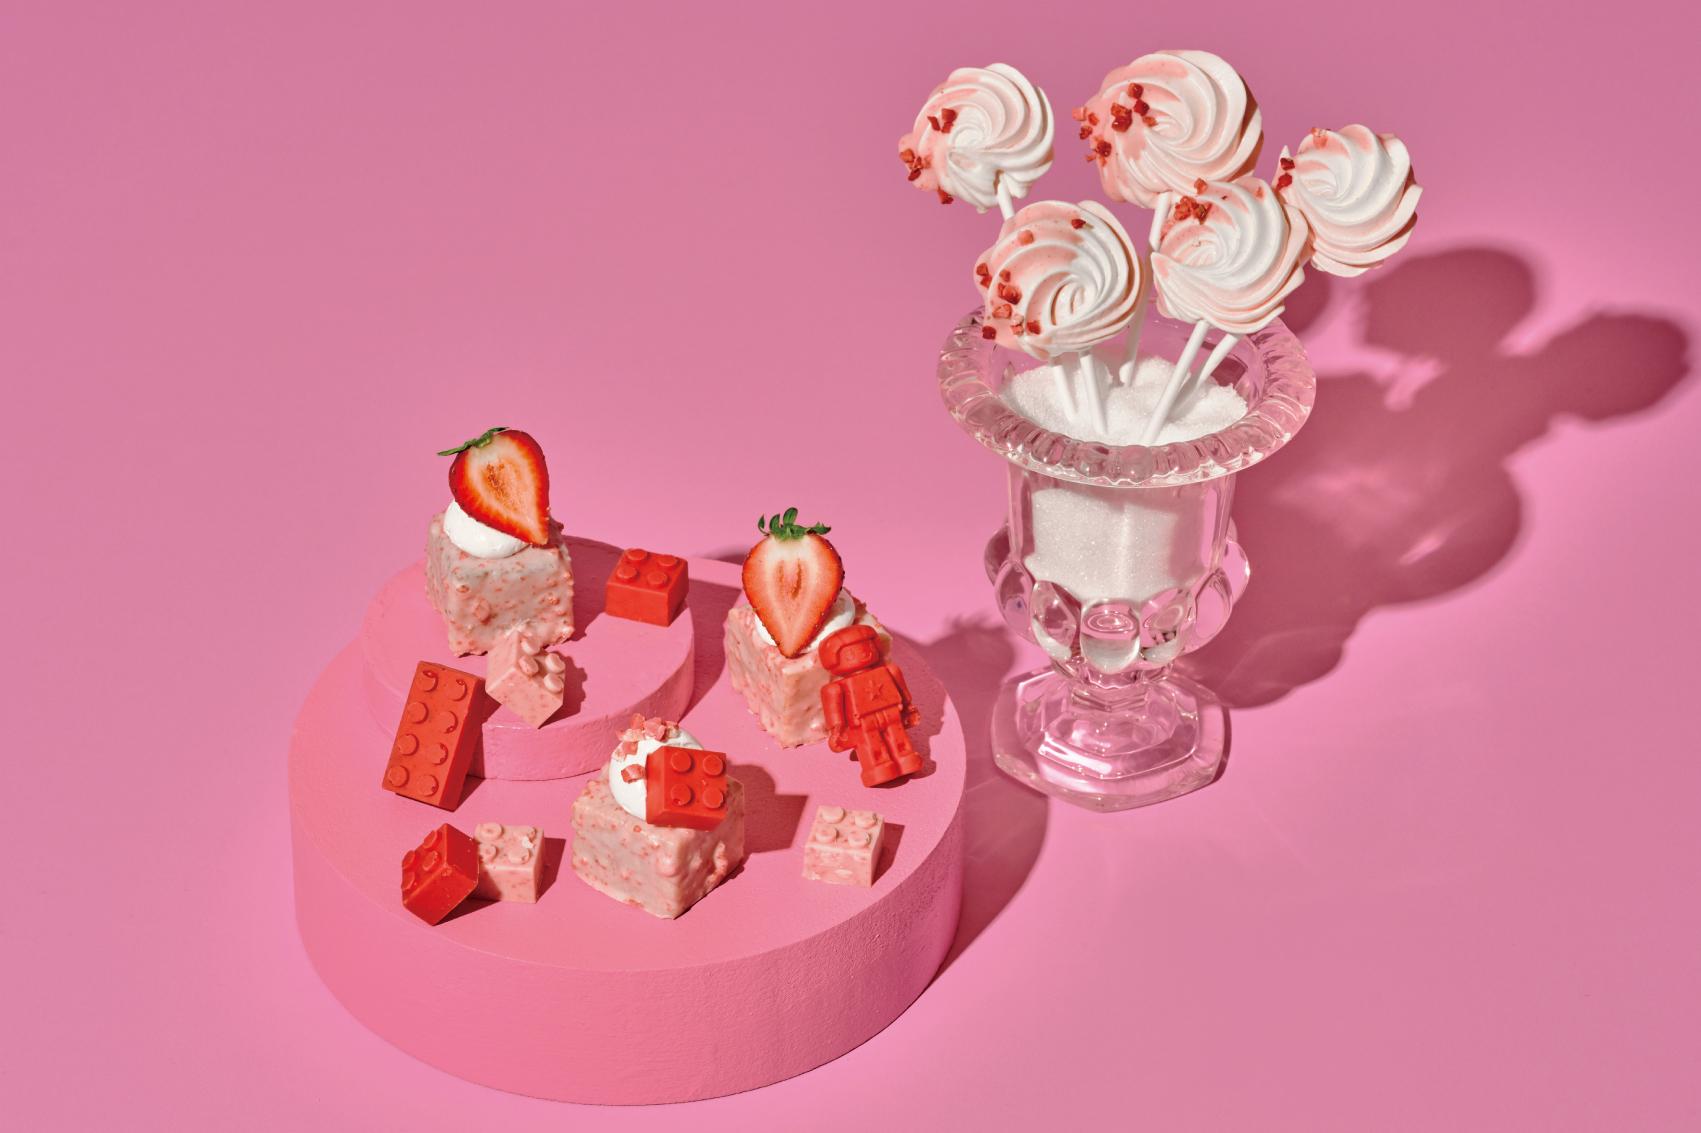 strawberry-playroom%e3%82%b9%e3%83%88%e3%83%ad%e3%83%99%e3%83%aa%e3%83%bc%e3%83%97%e3%83%ac%e3%82%a4%e3%83%ab%e3%83%bc%e3%83%a0-4